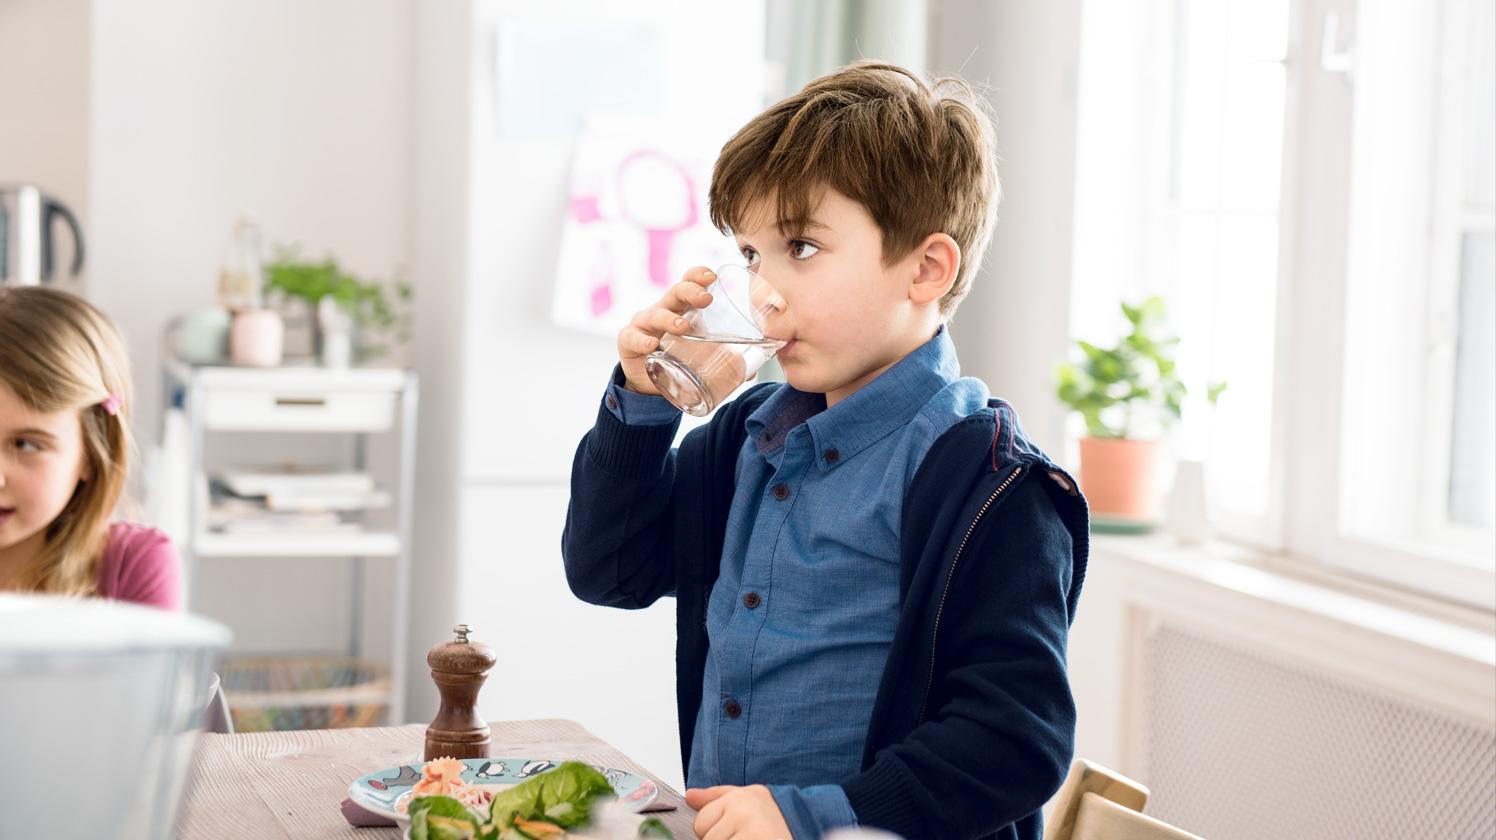 BRITA hidratación personal niño bebiendo agua